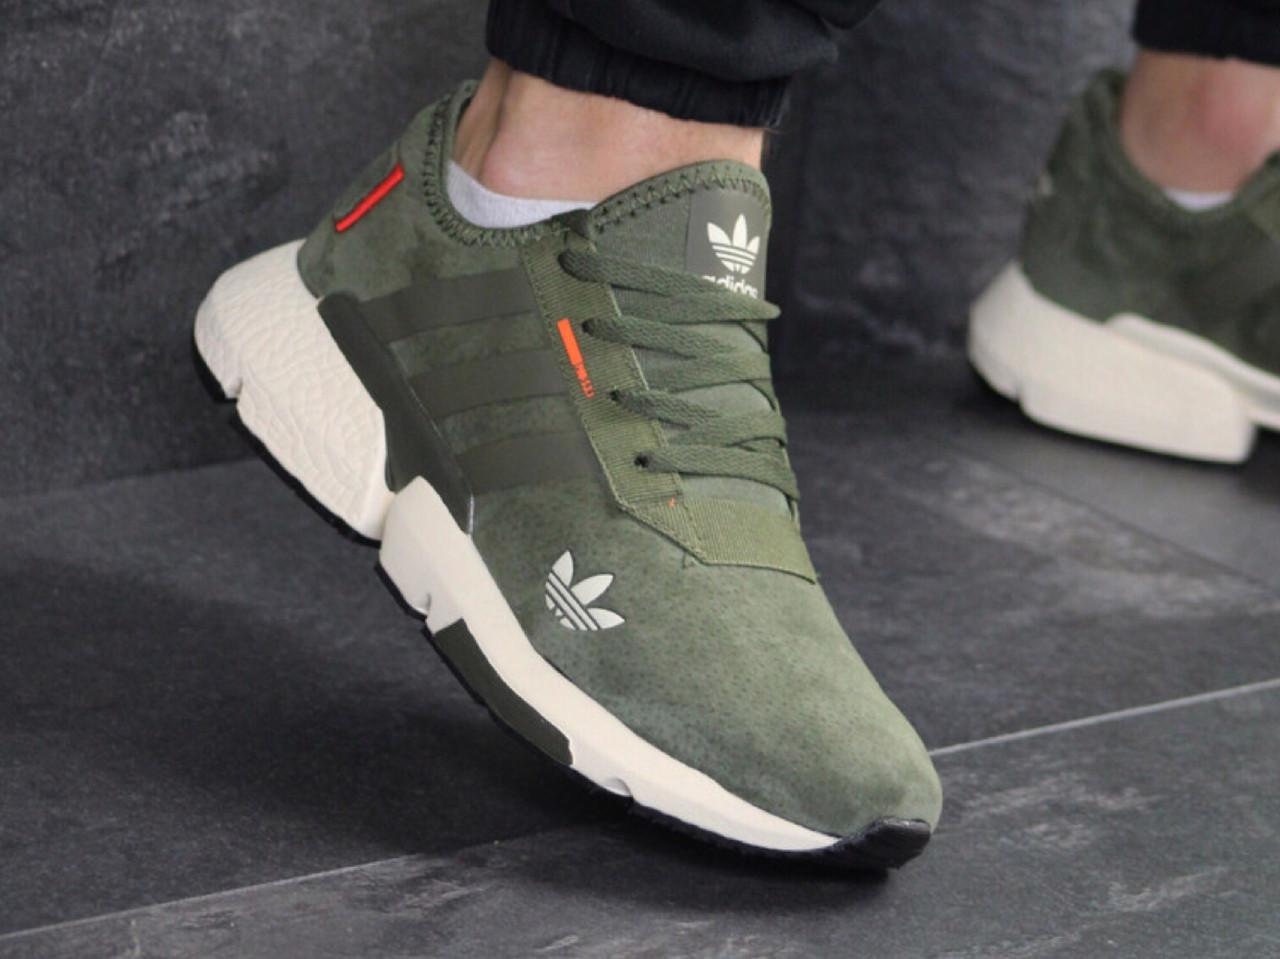 33139efbf Мужские кроссовки Adidas 7445 демисезонные замш новая модель заказать интернет  магазин